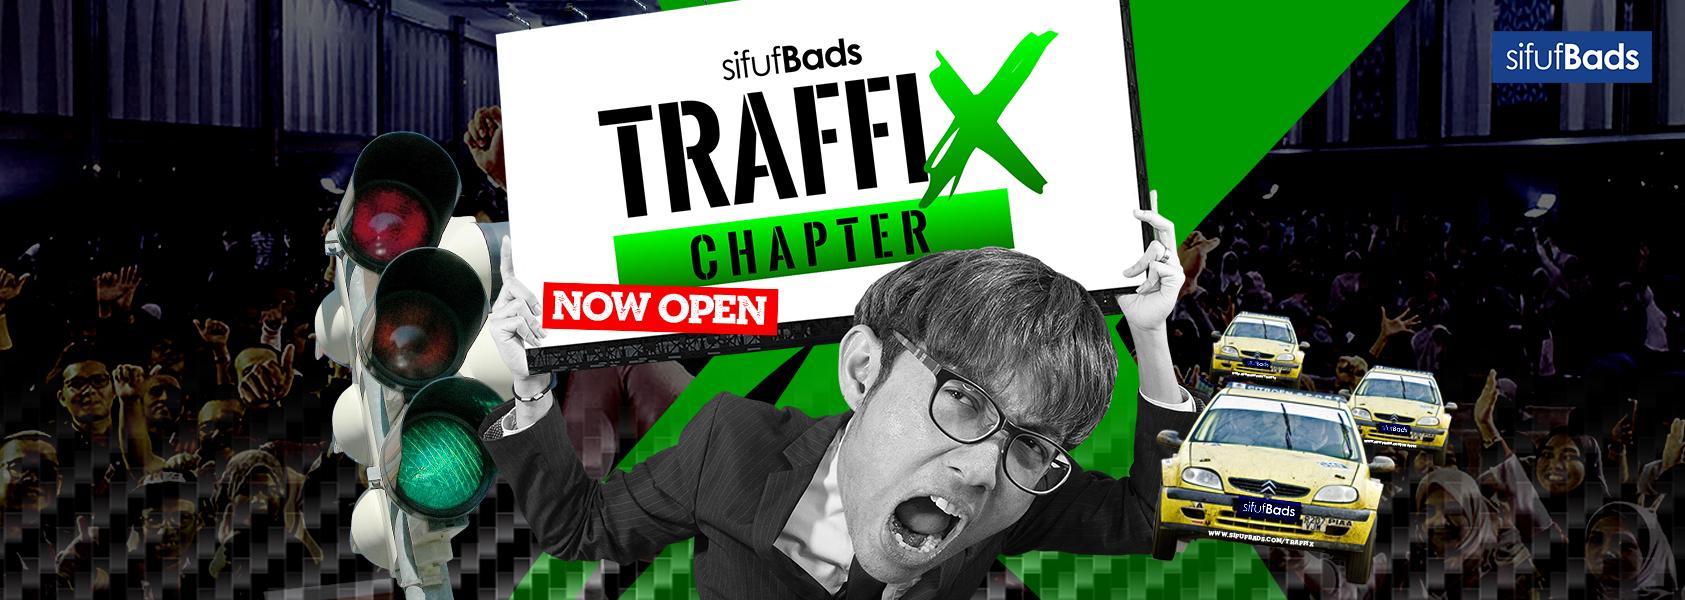 Traffix Chapter